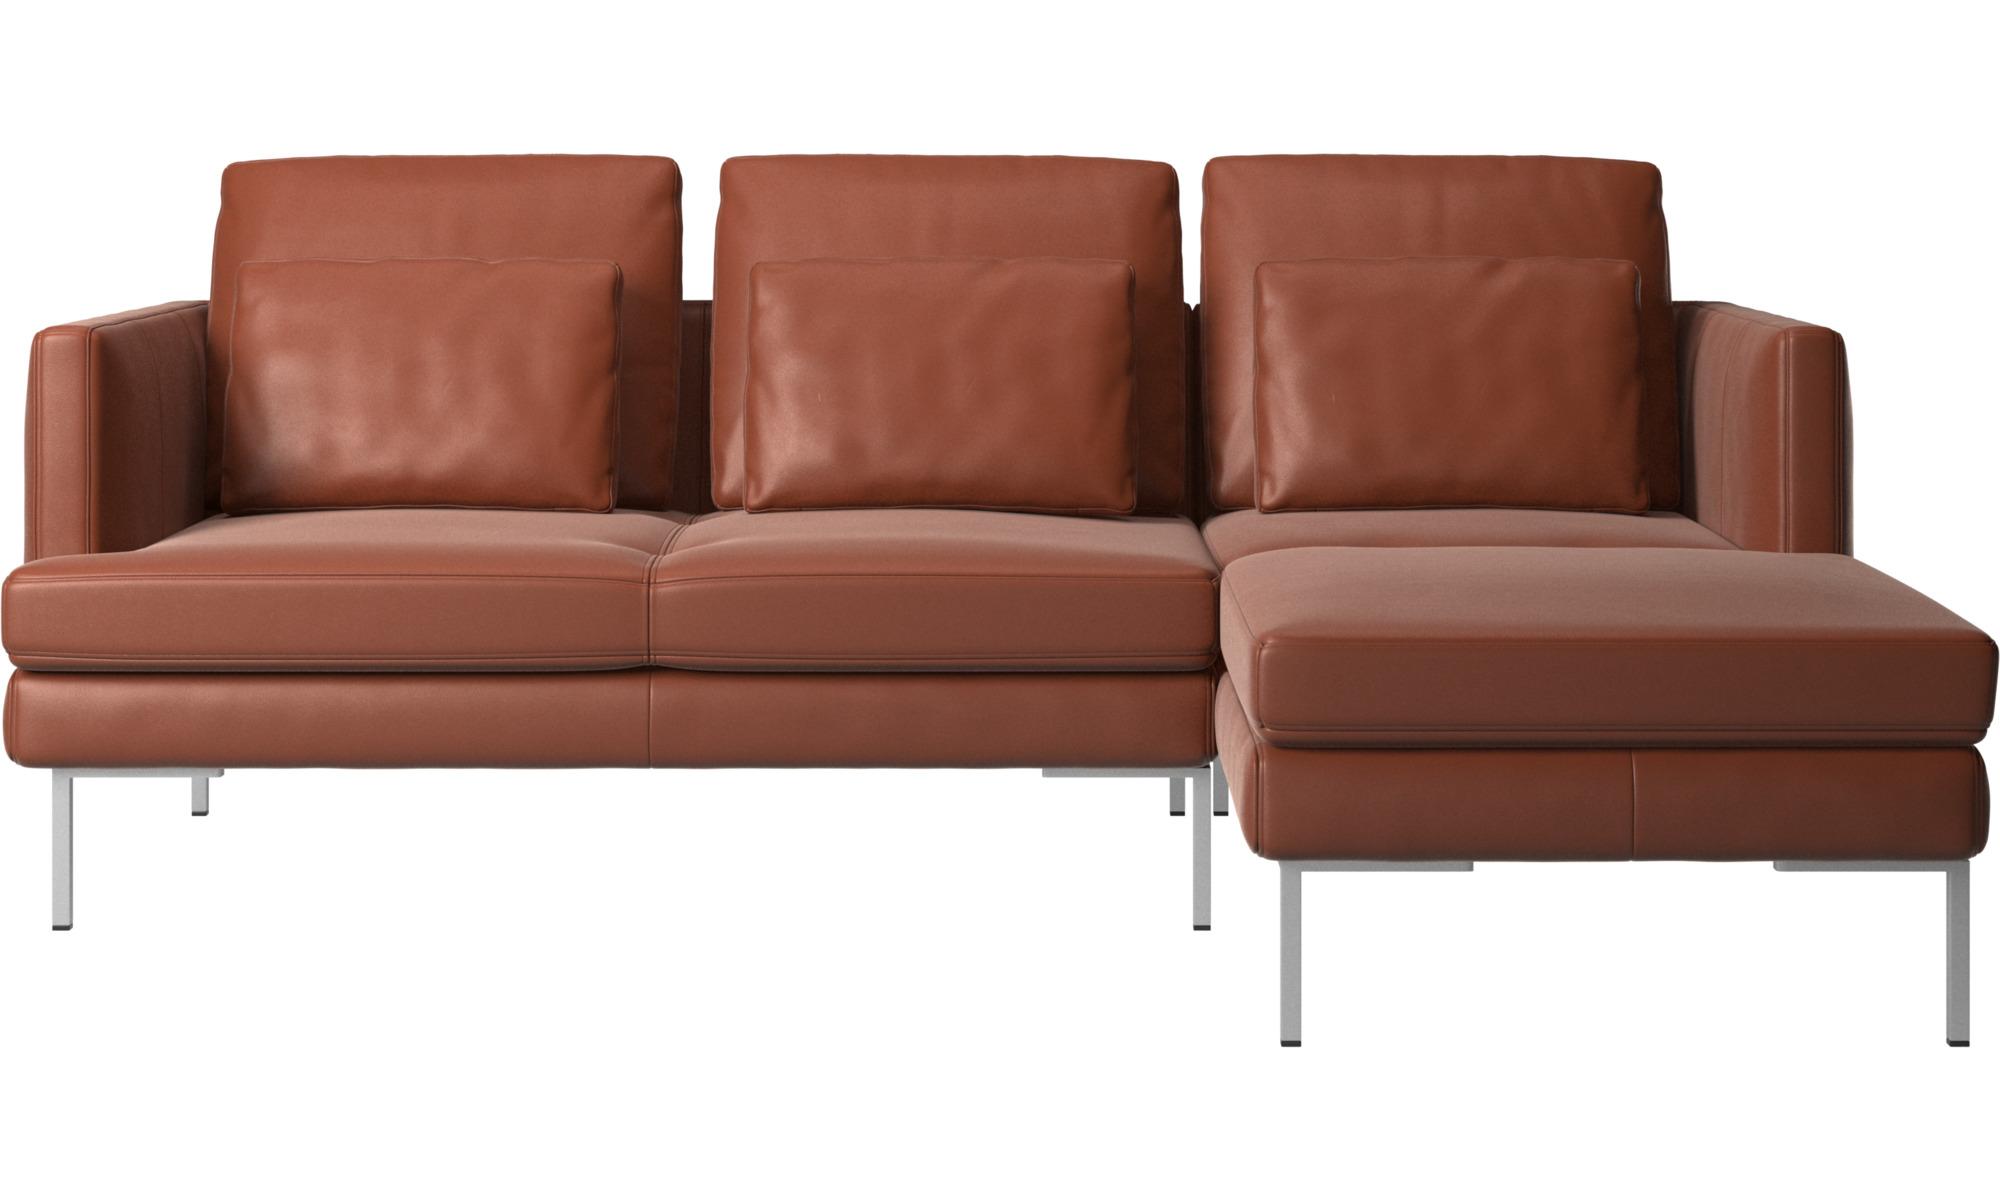 Entretien Canapé Cuir Naturel canapé istra 2 avec chaise longue